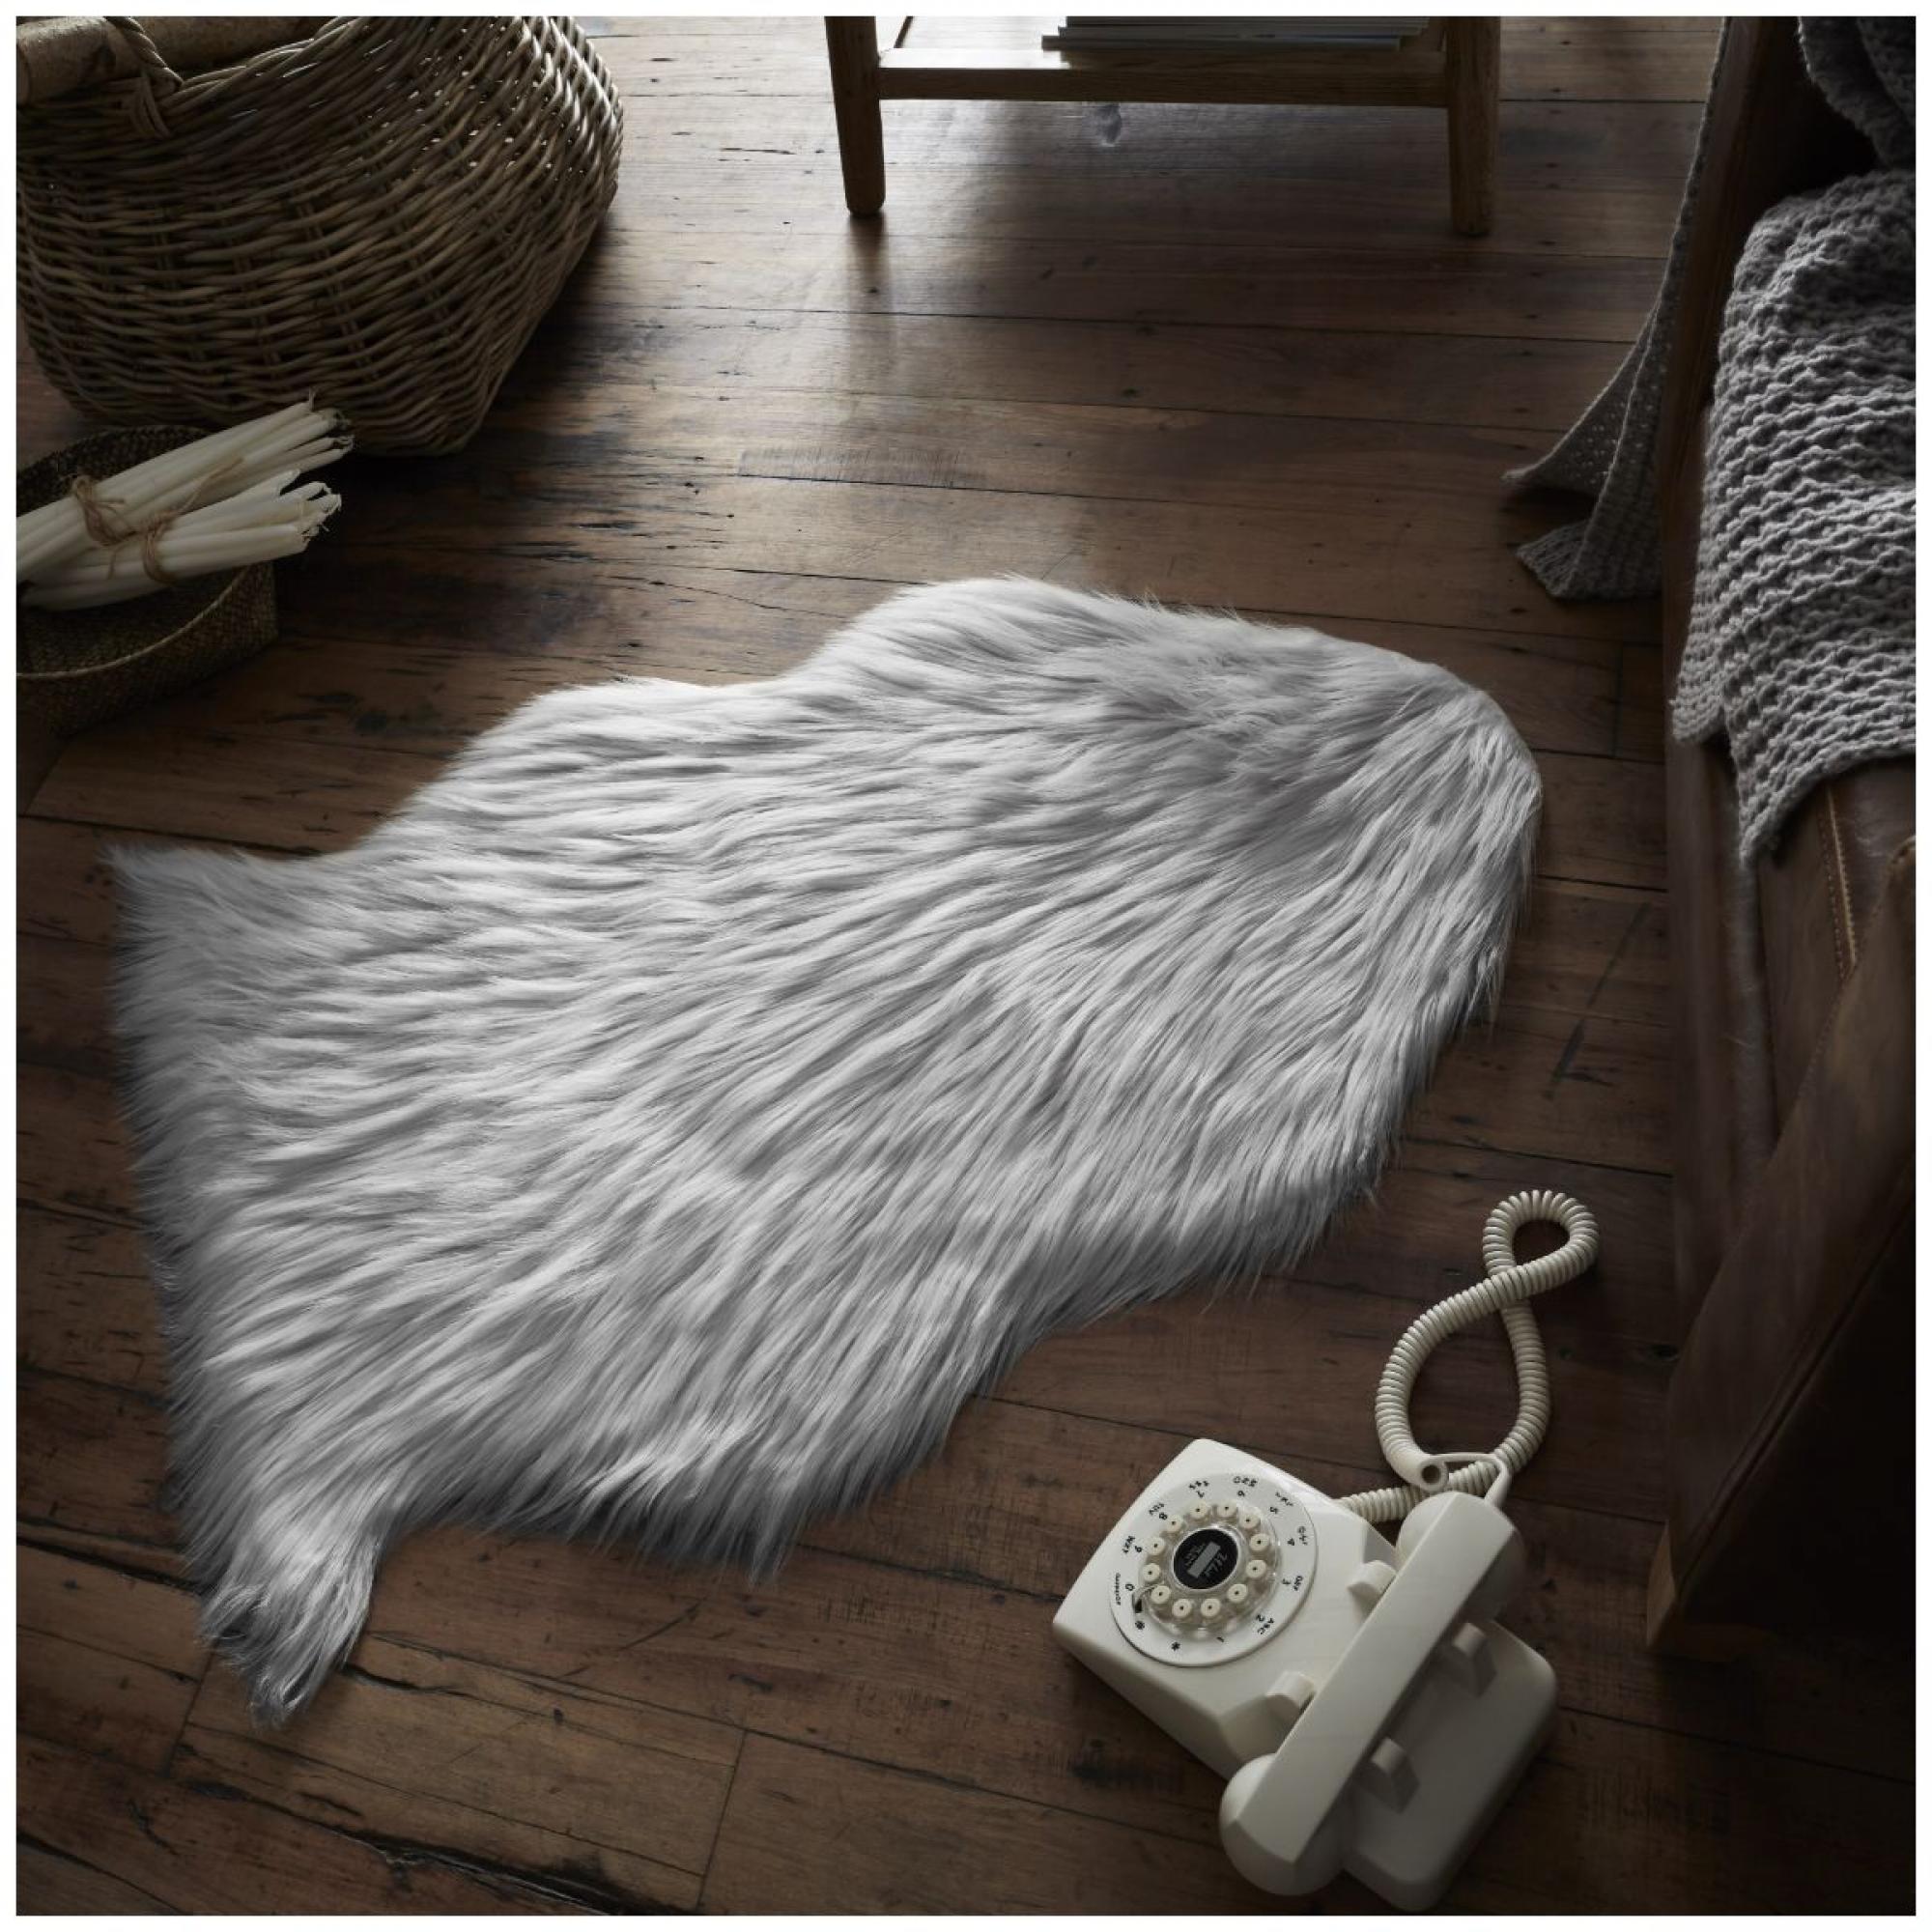 FAUX FUR SHEEP RUG 60X90 SILVER 6468